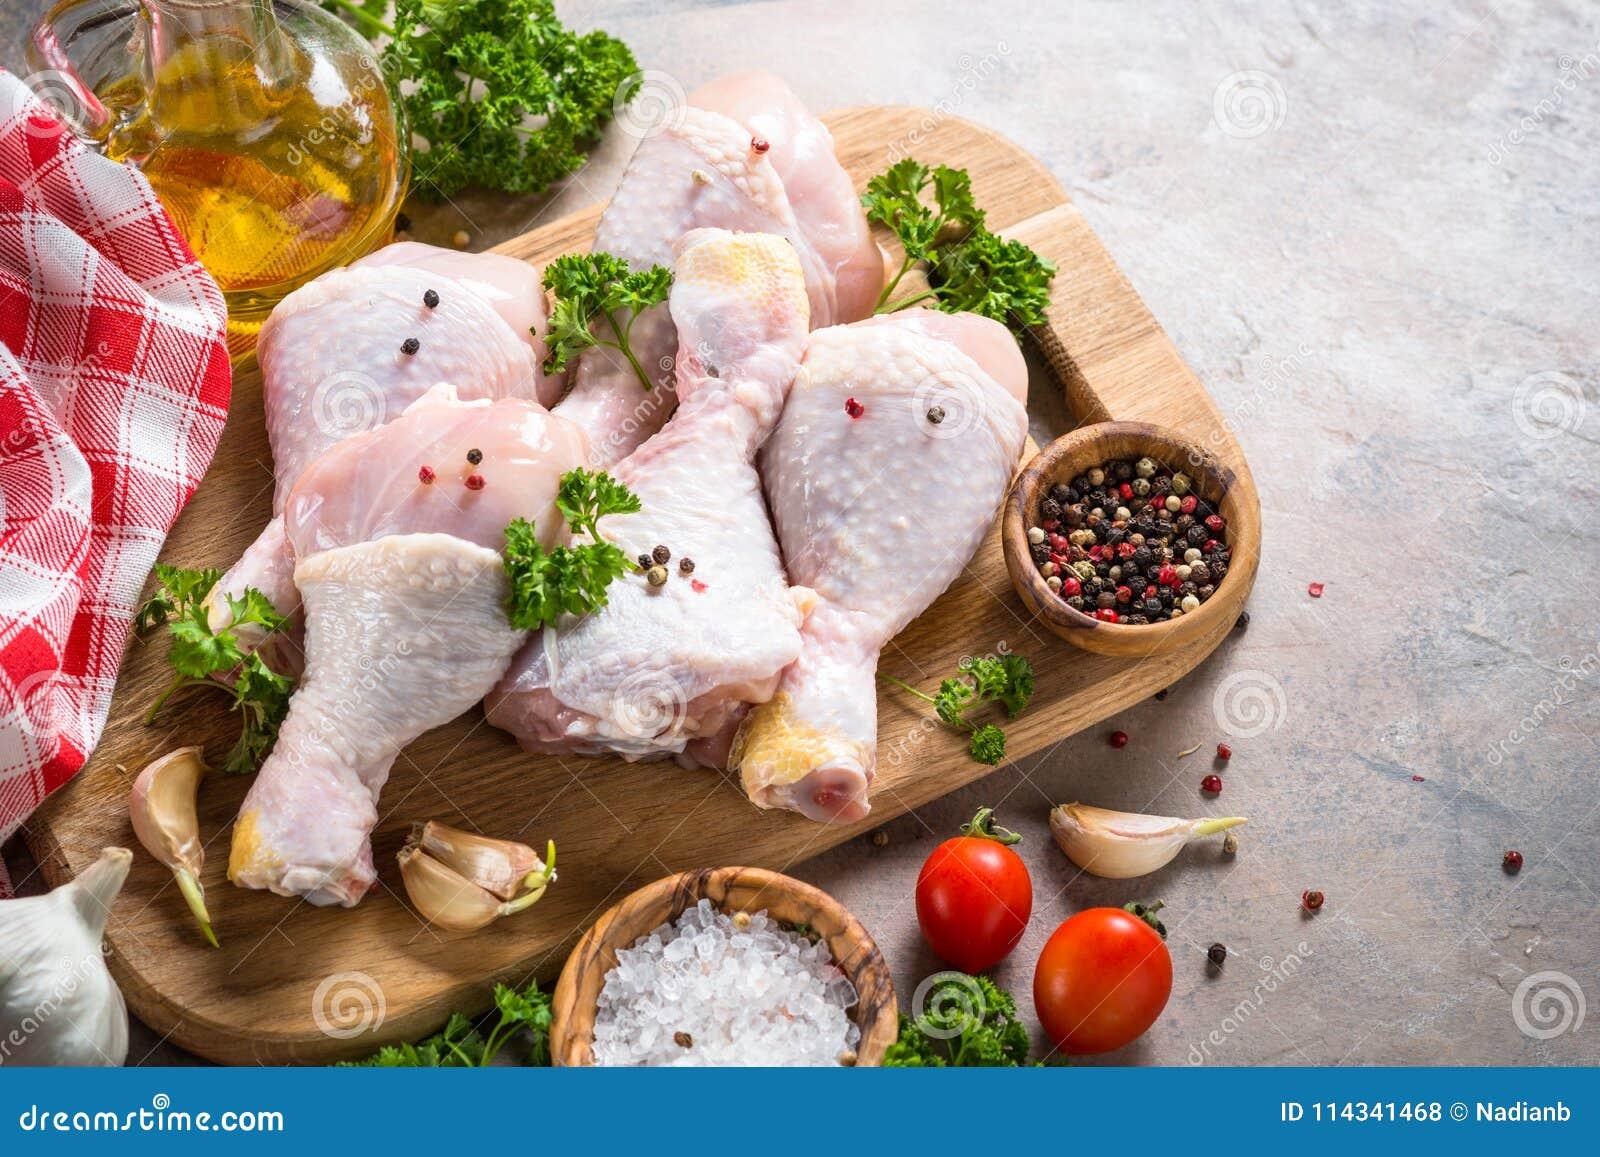 Fega trumpinnar och matlagningingredienser